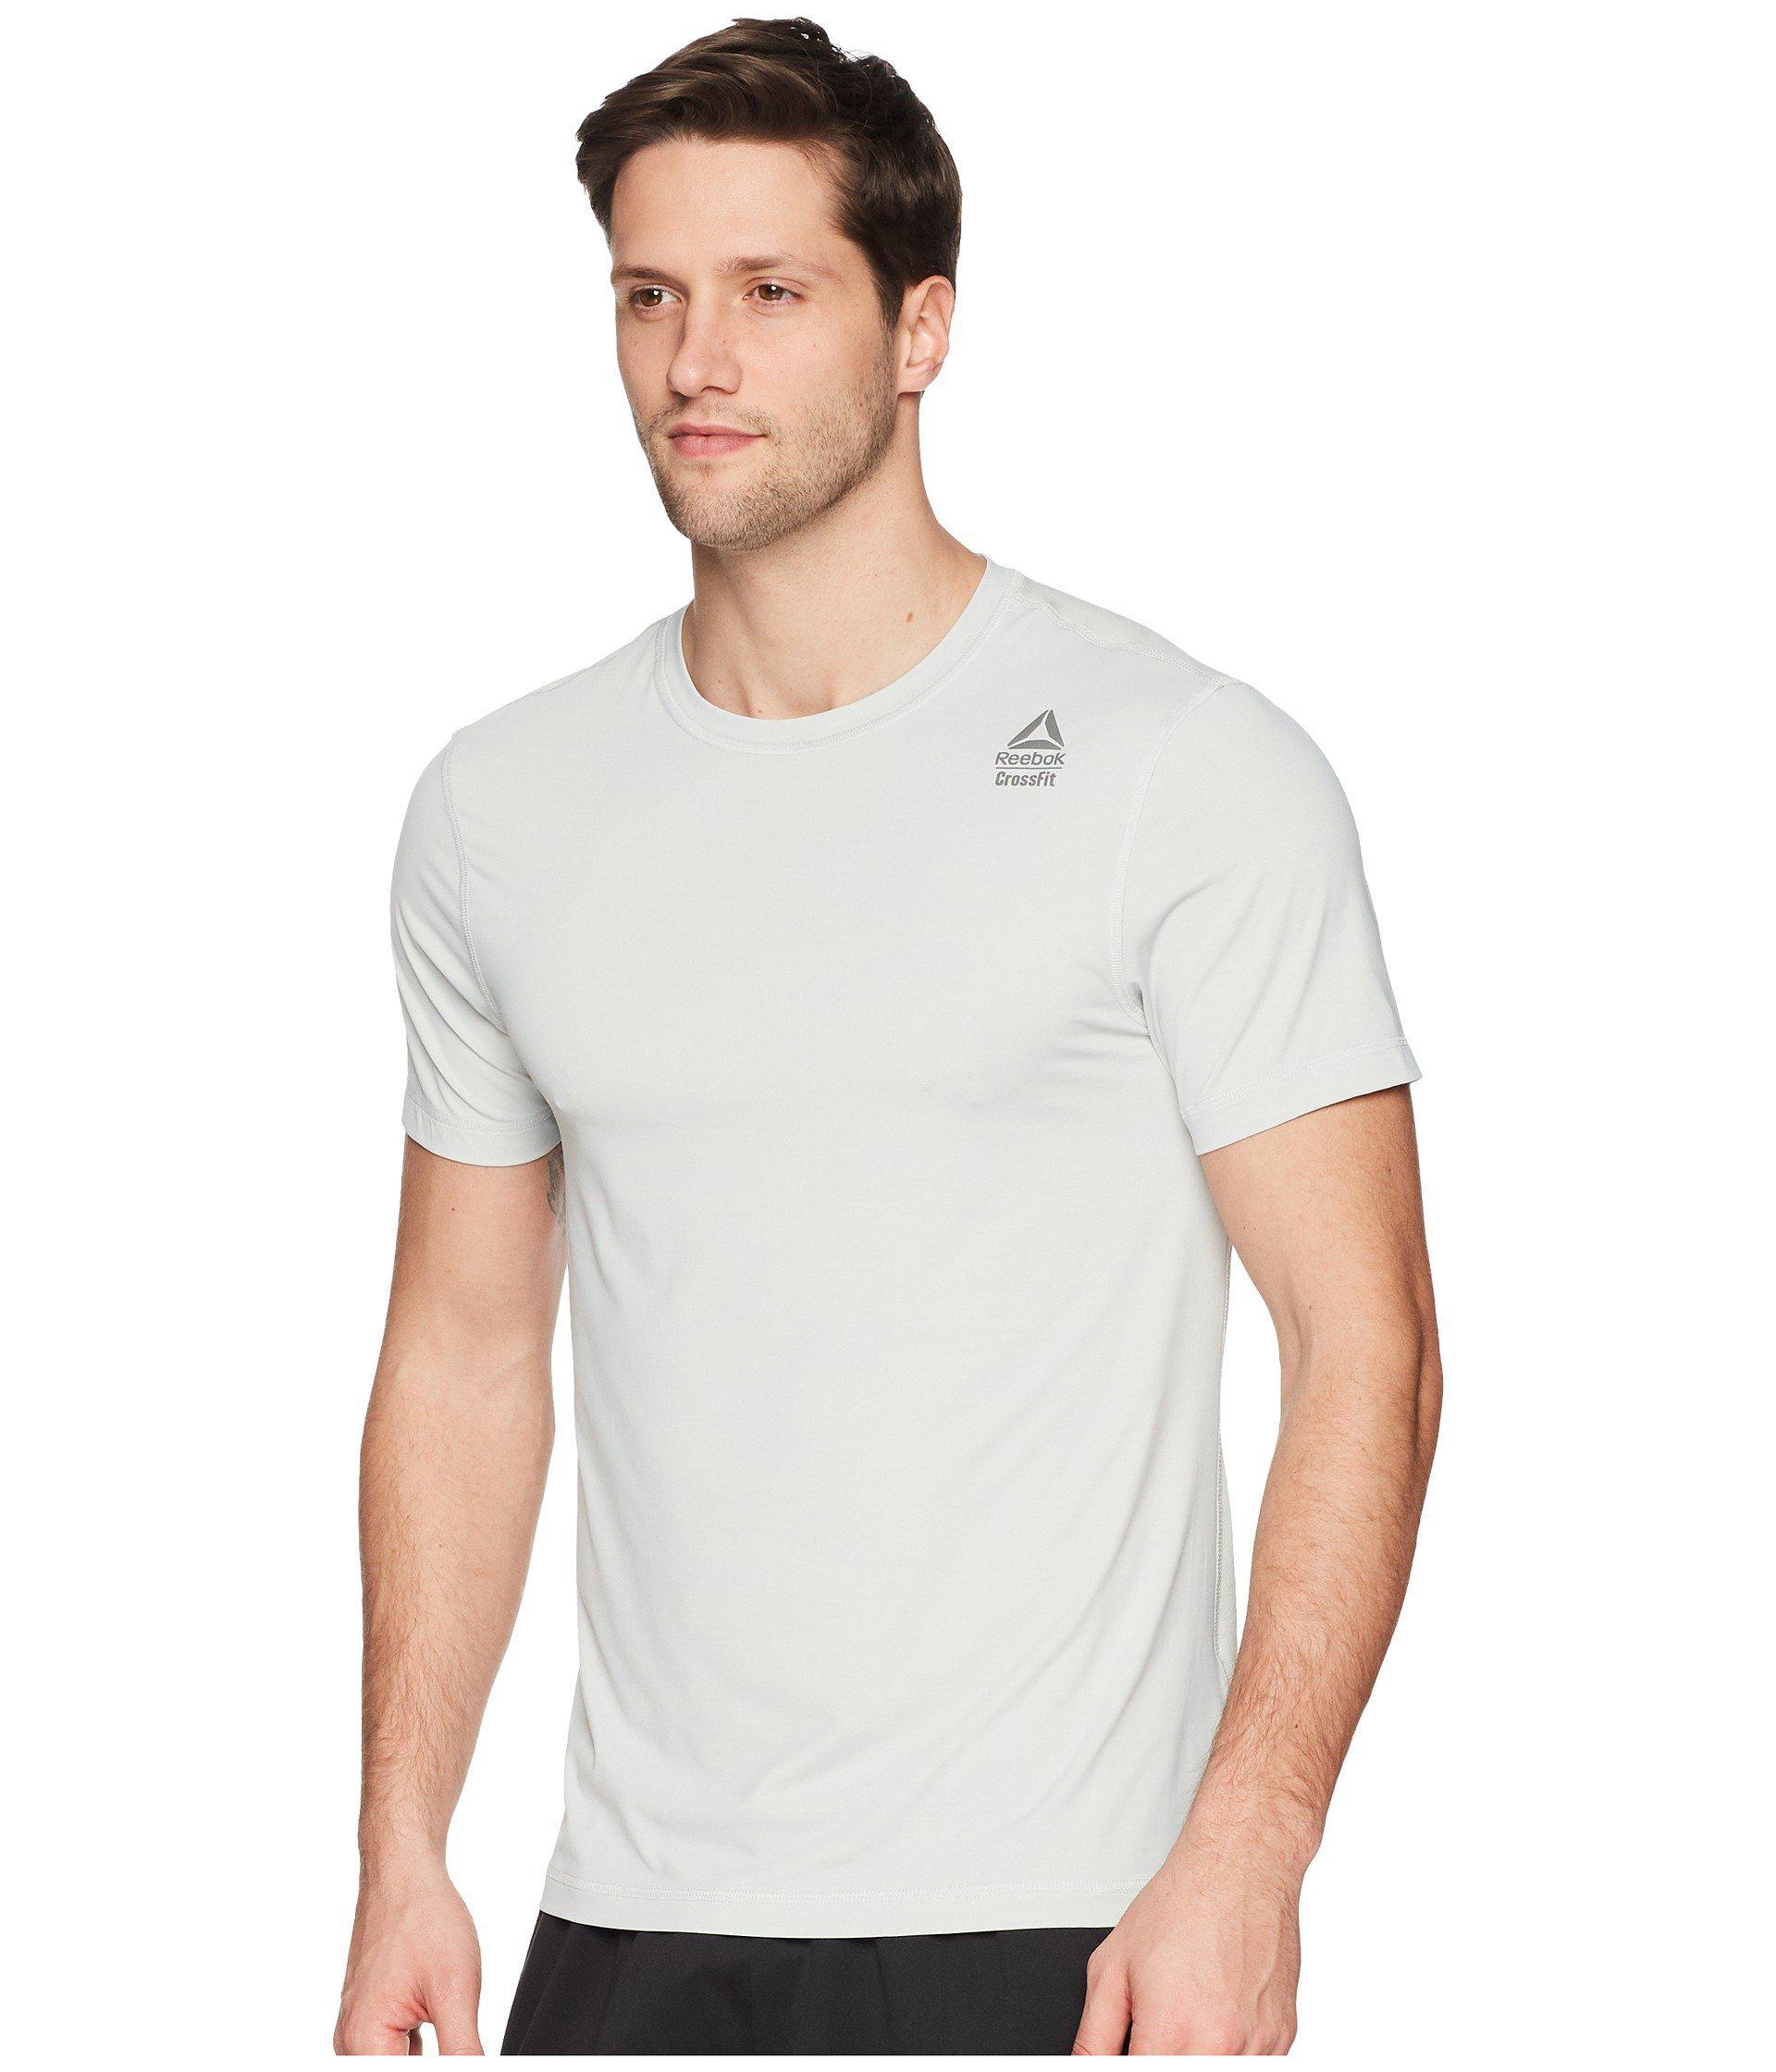 Lyst - Reebok Crossfit Activchill Vent Tee (skull Grey) Men s T Shirt in  Gray for Men d127e5bcd47